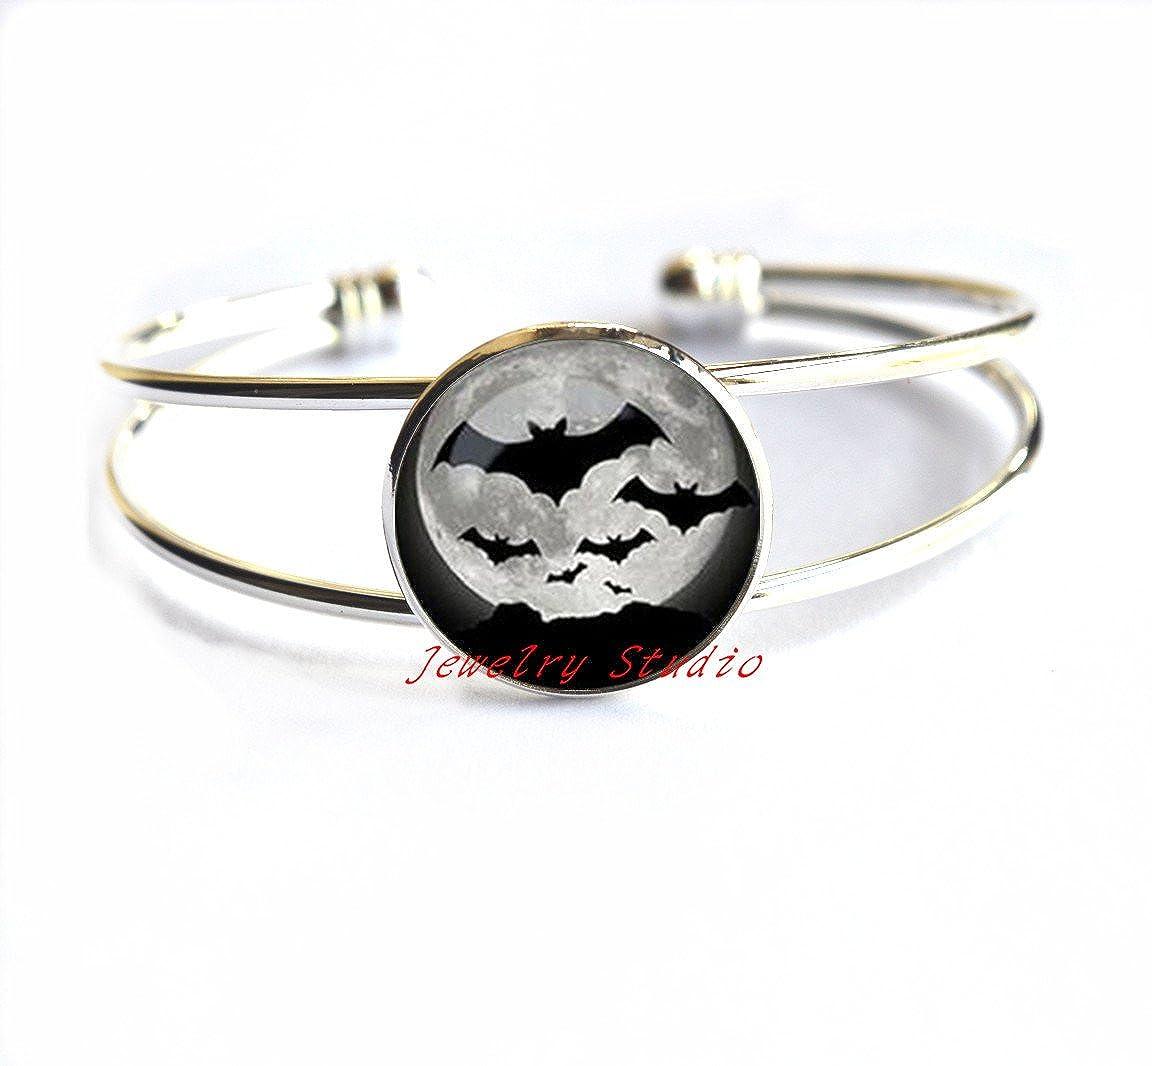 Charming fashion Bracelet,Halloween Bat Bracelet Full Moon Bracelets Halloween jewelry Glass Dome Bracelets Bracelet,Halloween Jewelry Bat Jewelry Holiday Jewelry Black Jewelry-HZ0085